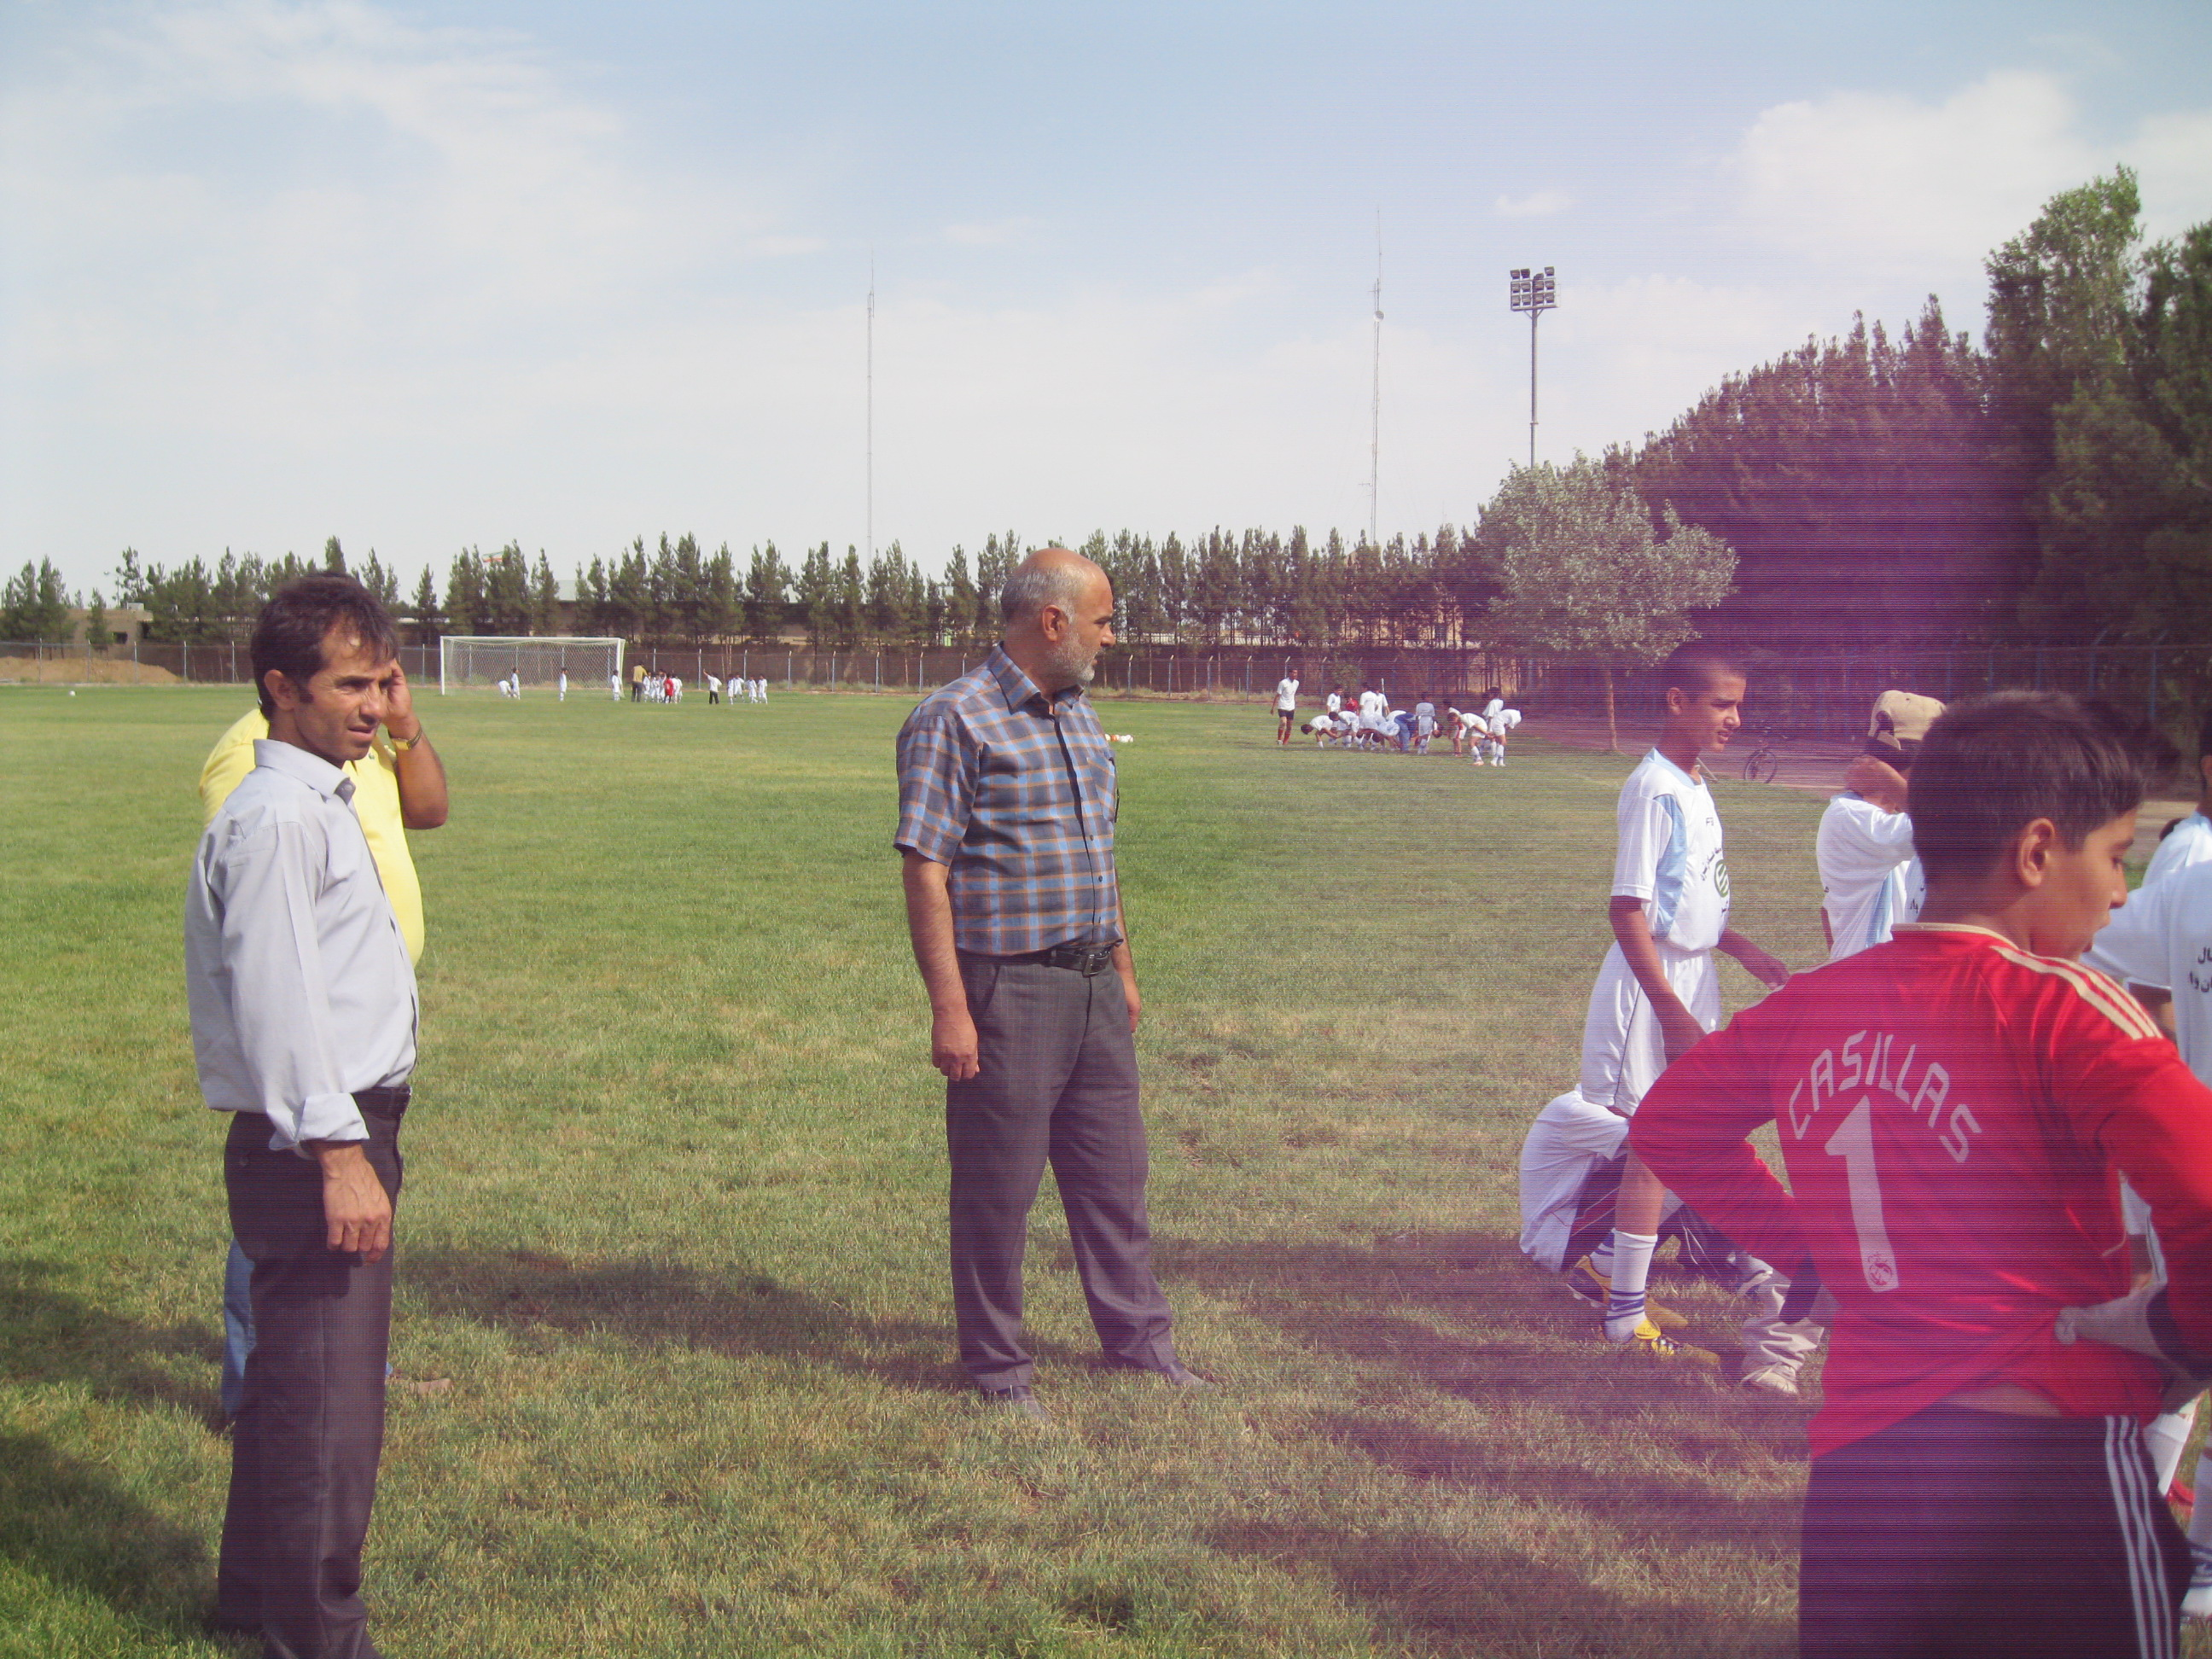 شرایط تست فوتبال درسال ۹۶صبای قم هیئت فوتبال شهرستان خواف